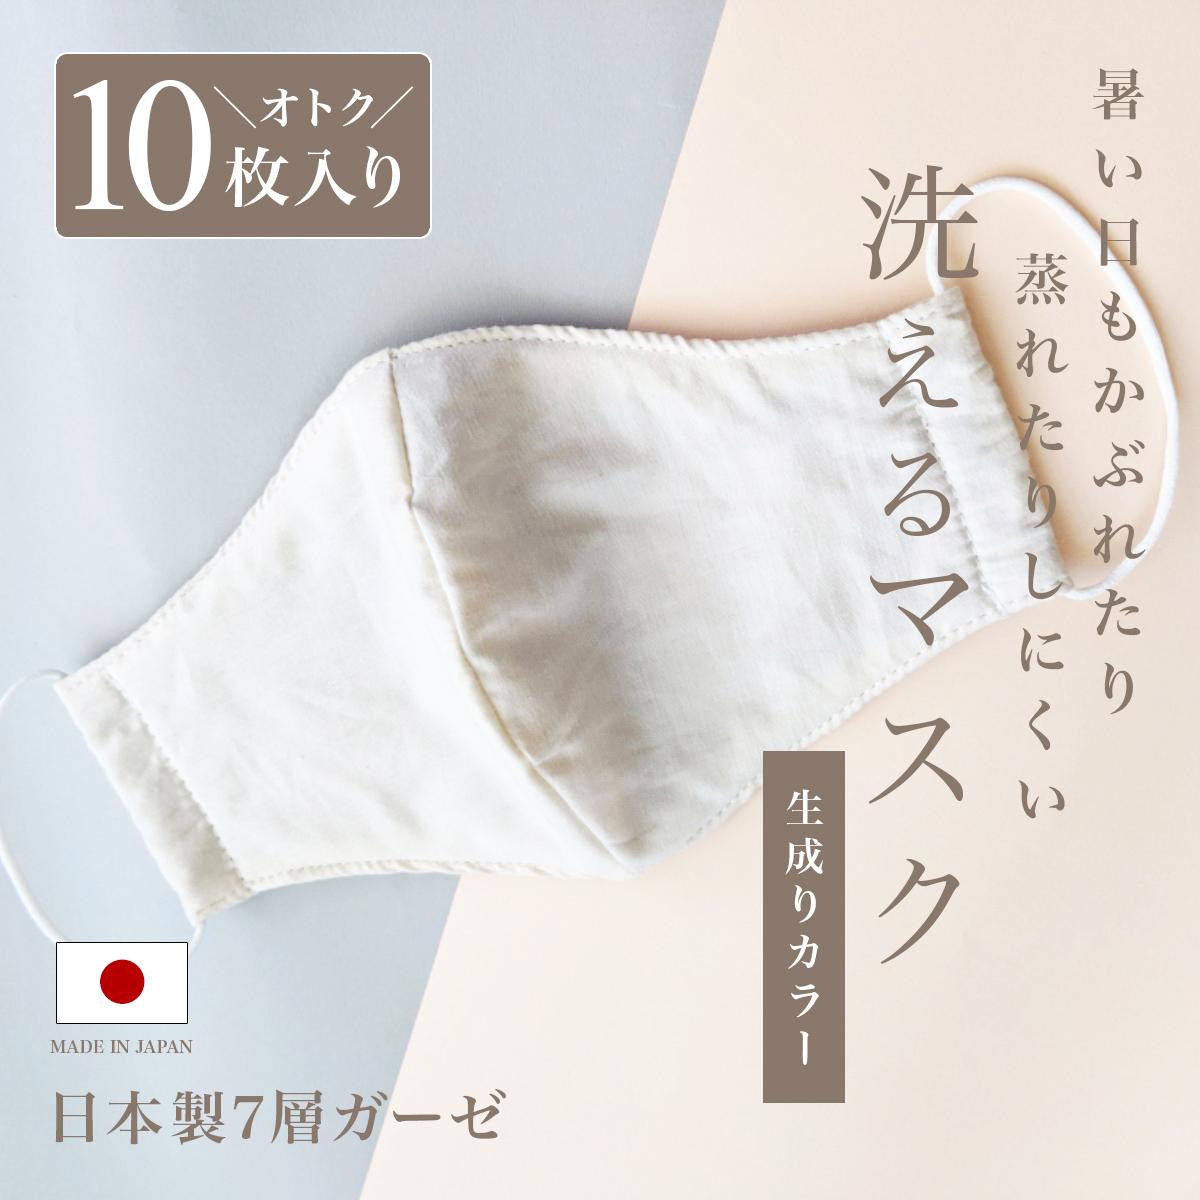 【10枚入り日本製】【1~2営業日後発送】洗えるマスク 男女兼用